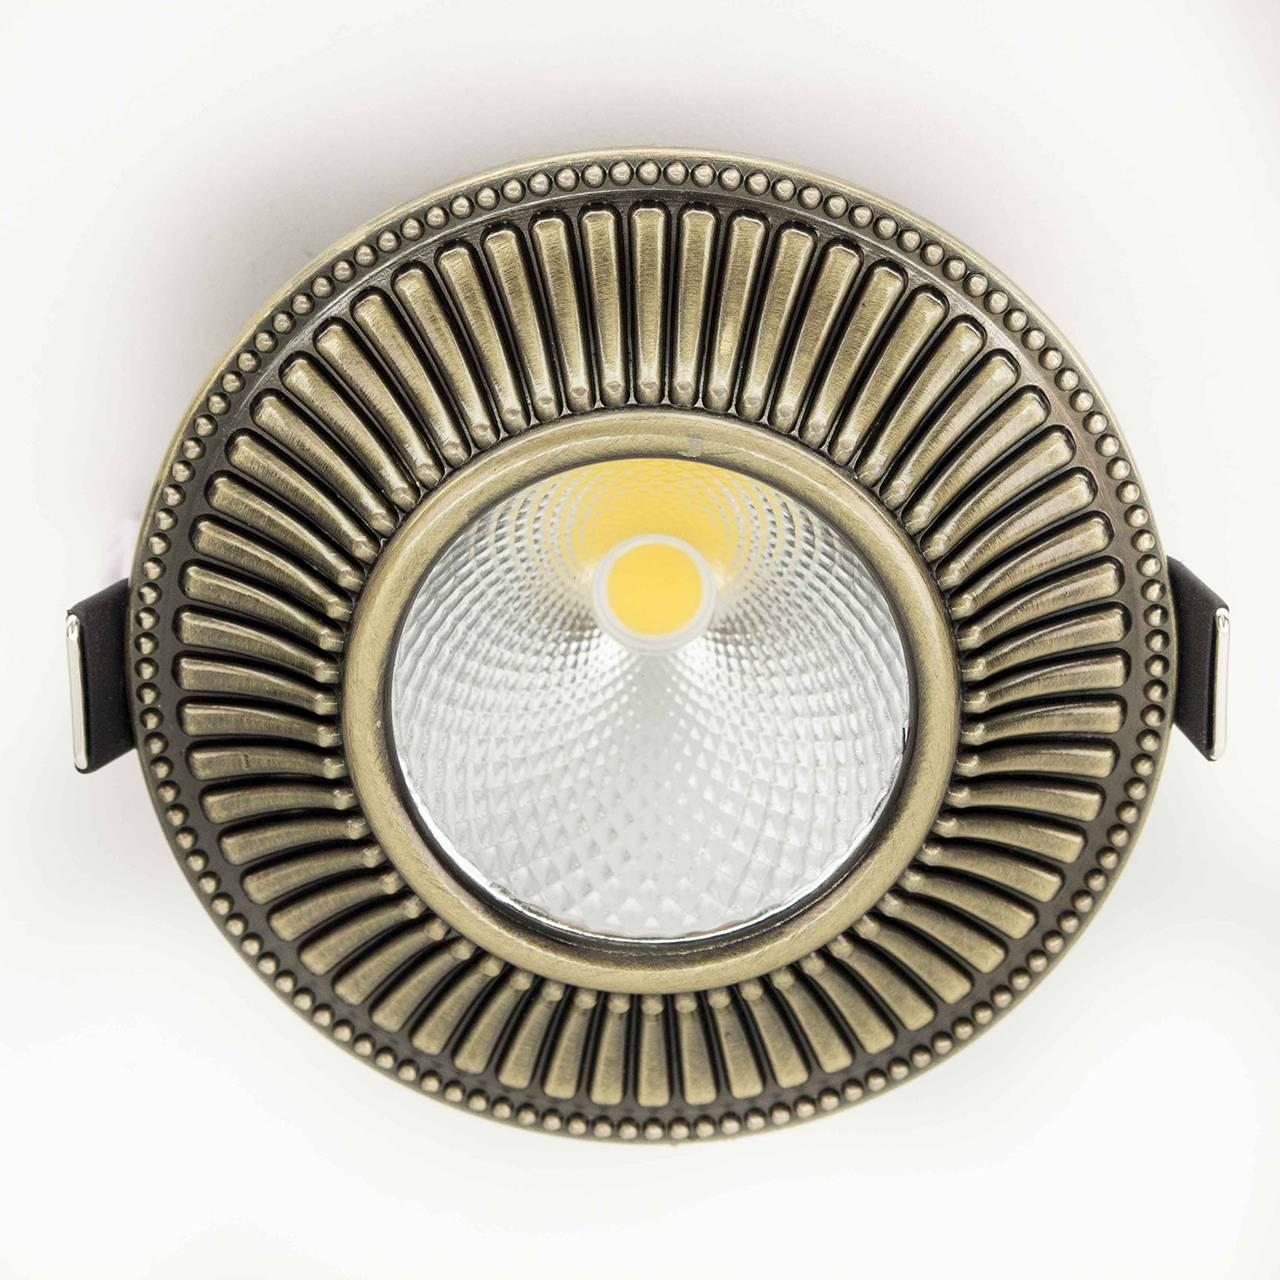 Встраиваемый светильник CITILUX, LED, 7 Вт встраиваемый светильник дзета cld042w3